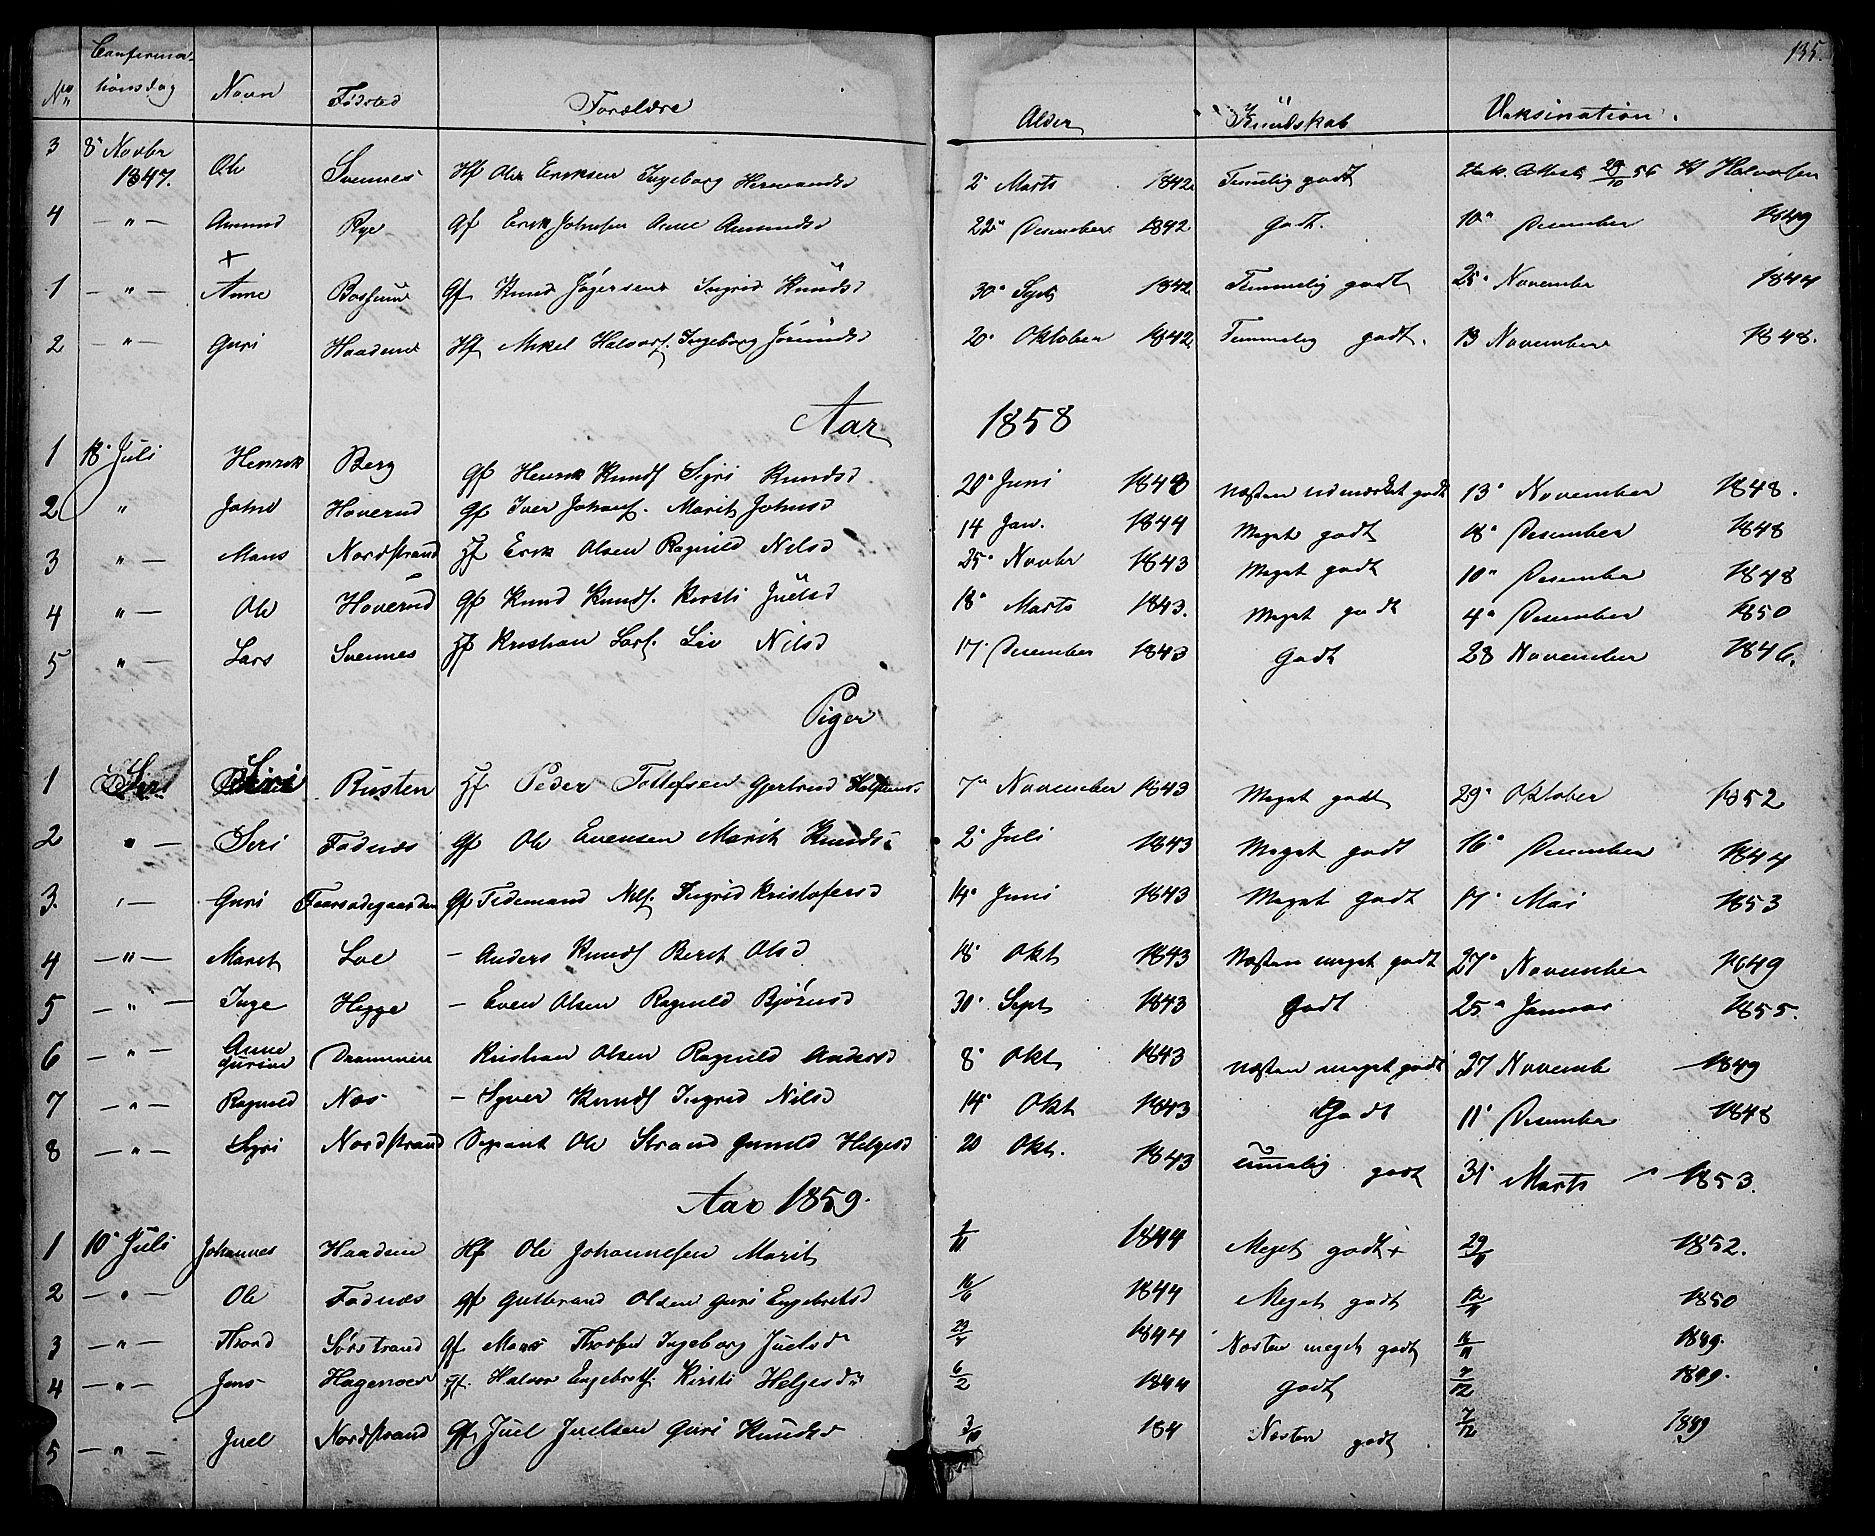 SAH, Nord-Aurdal prestekontor, Klokkerbok nr. 3, 1842-1882, s. 135